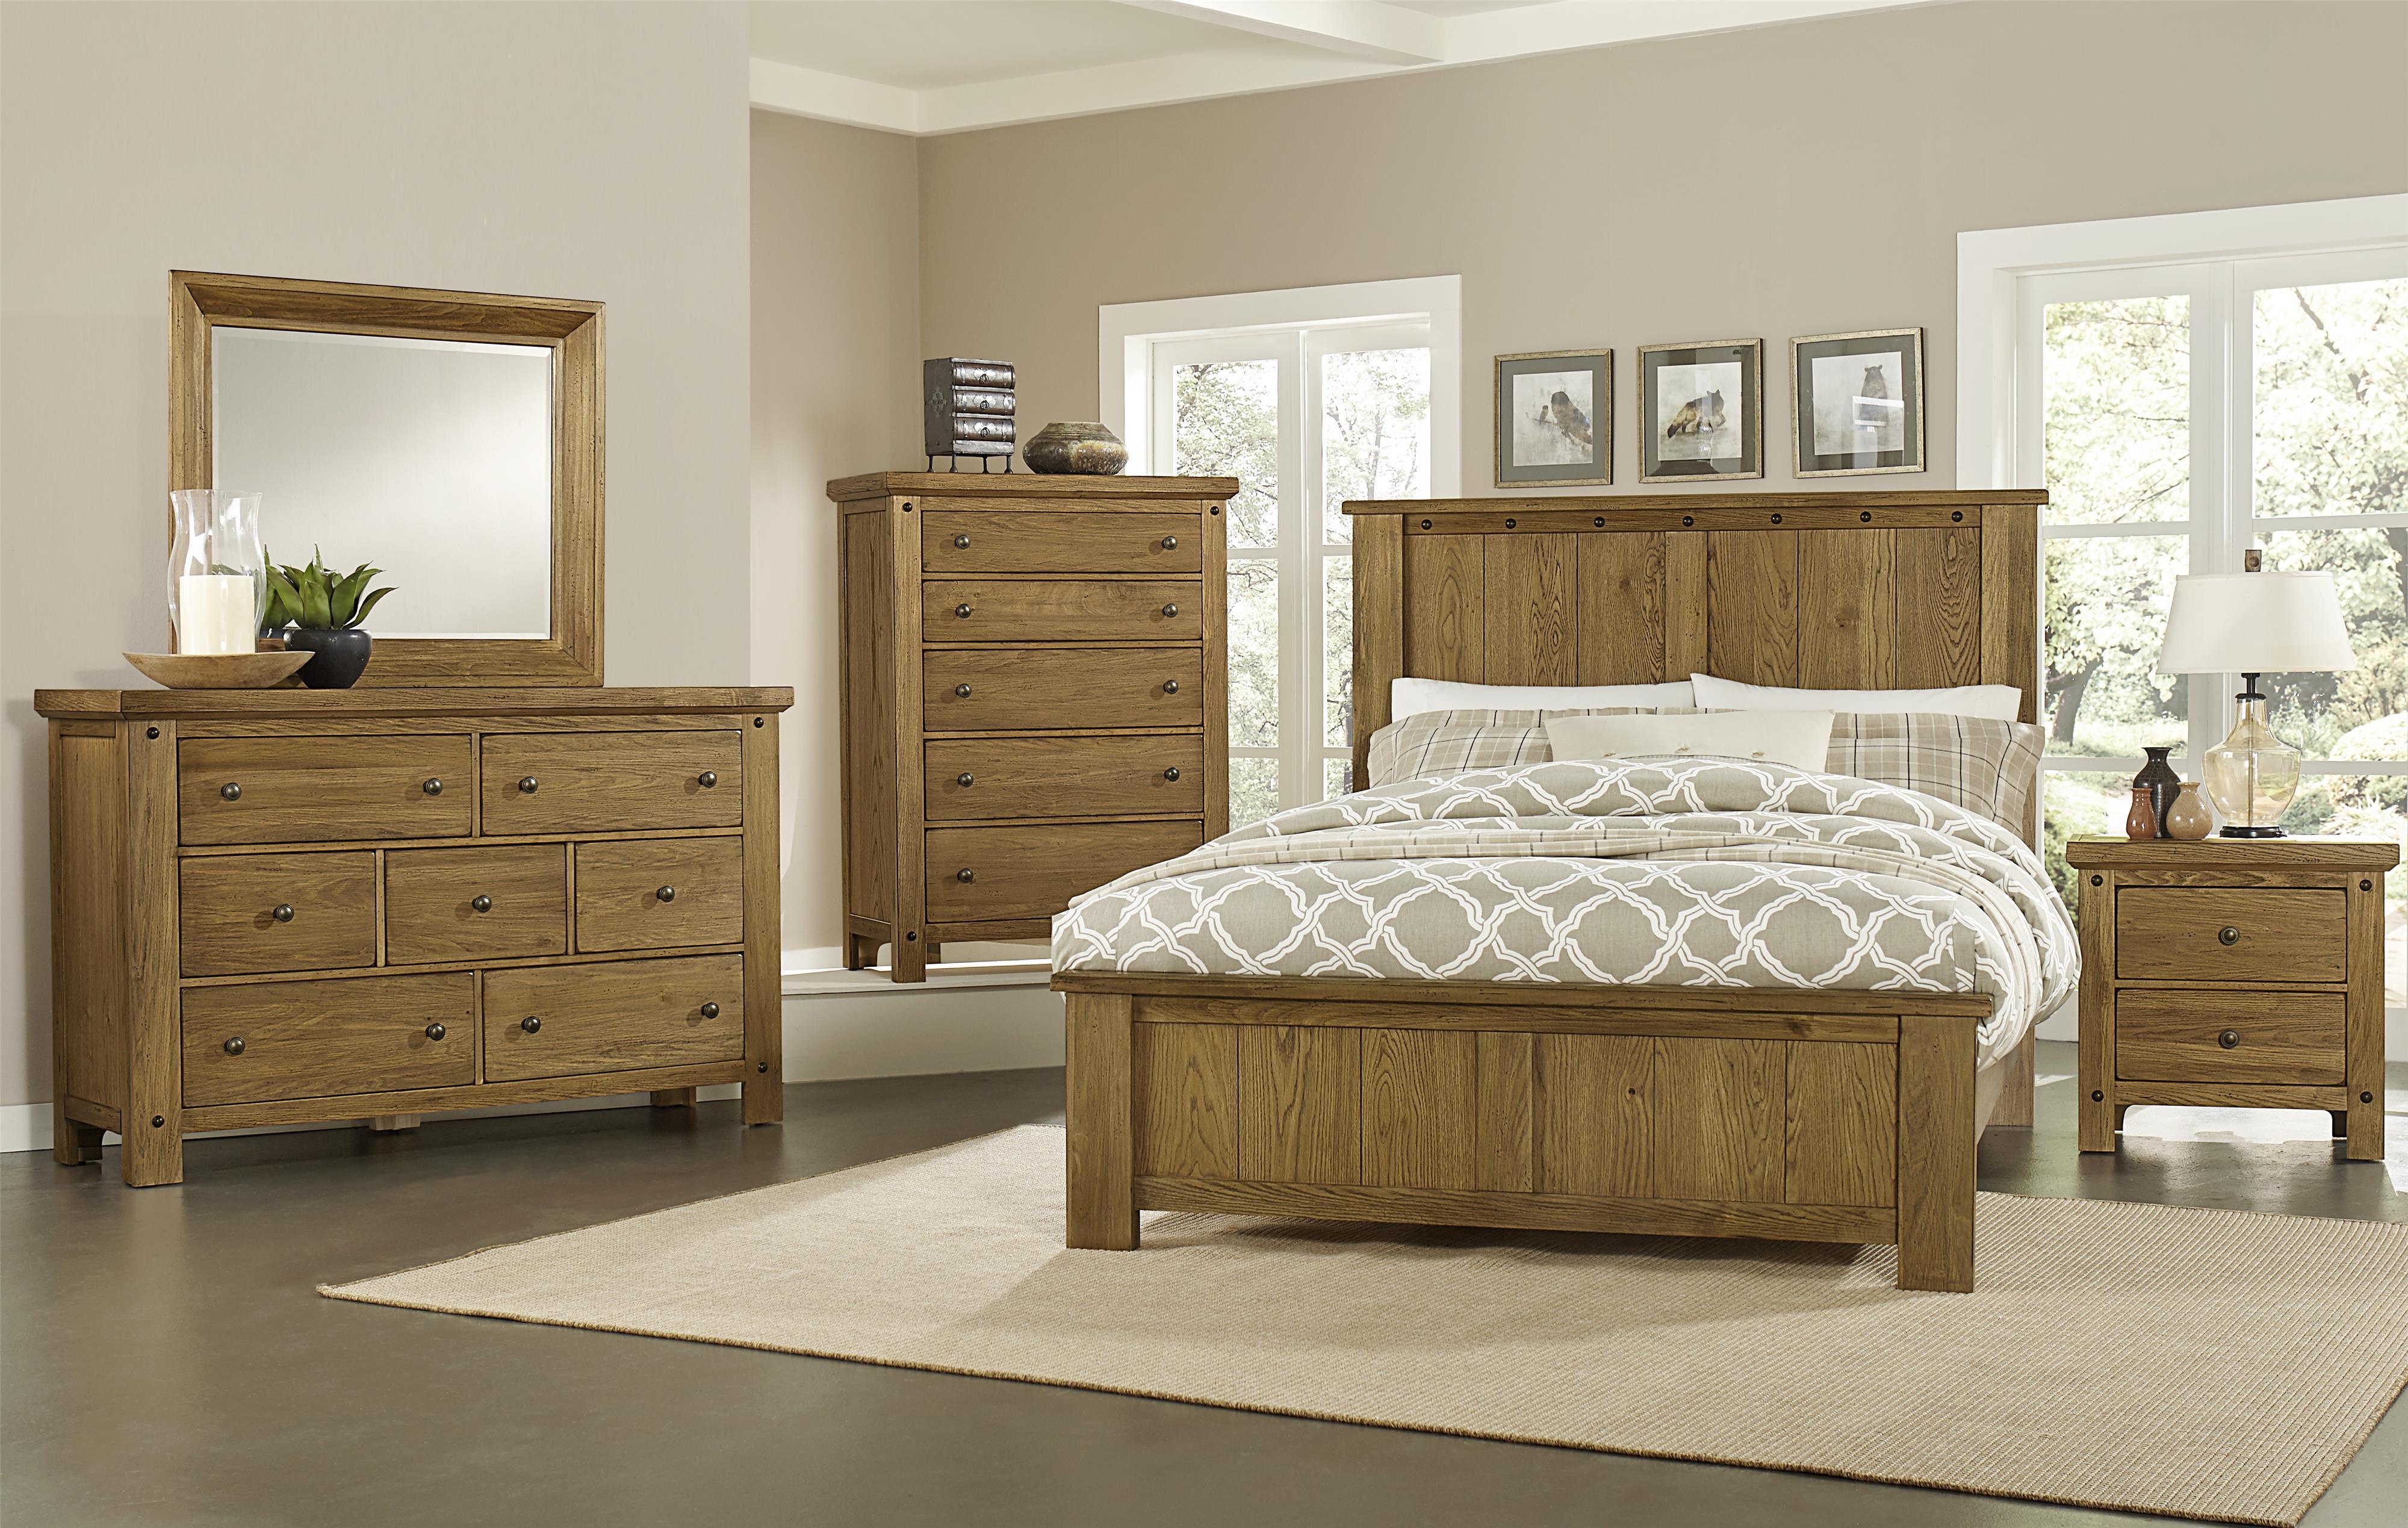 Vaughan Bassett Collaboration Queen Bedroom Group - Item Number: 614 Q Bedroom Group 1